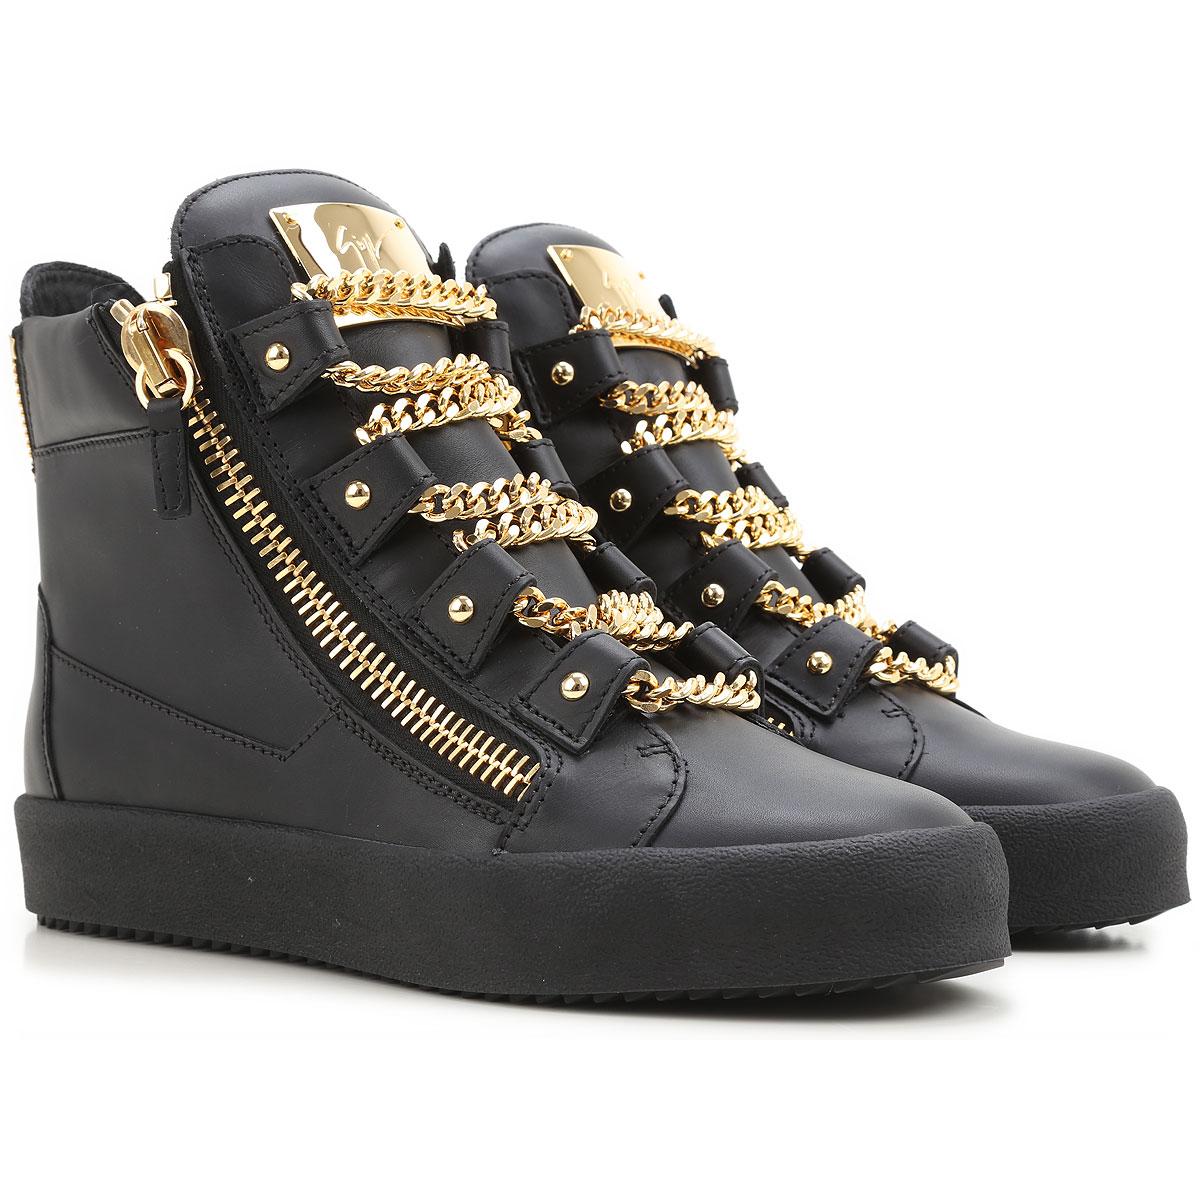 41259f478de3 Mens Shoes Giuseppe Zanotti Design